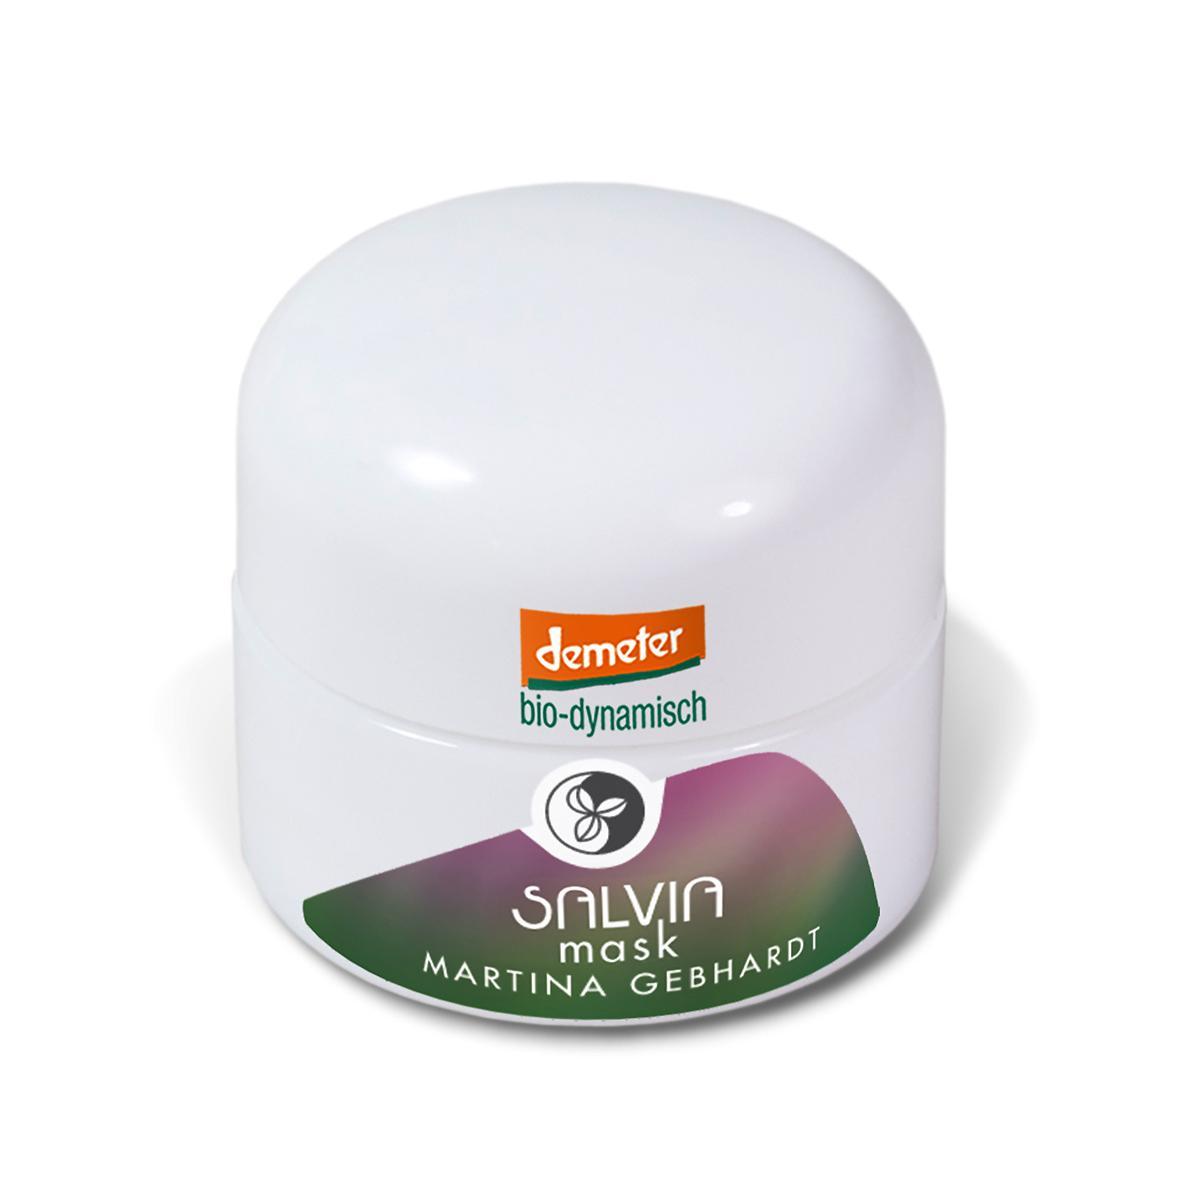 Martina Gebhardt Šalvějová maska, Salvia 15 ml